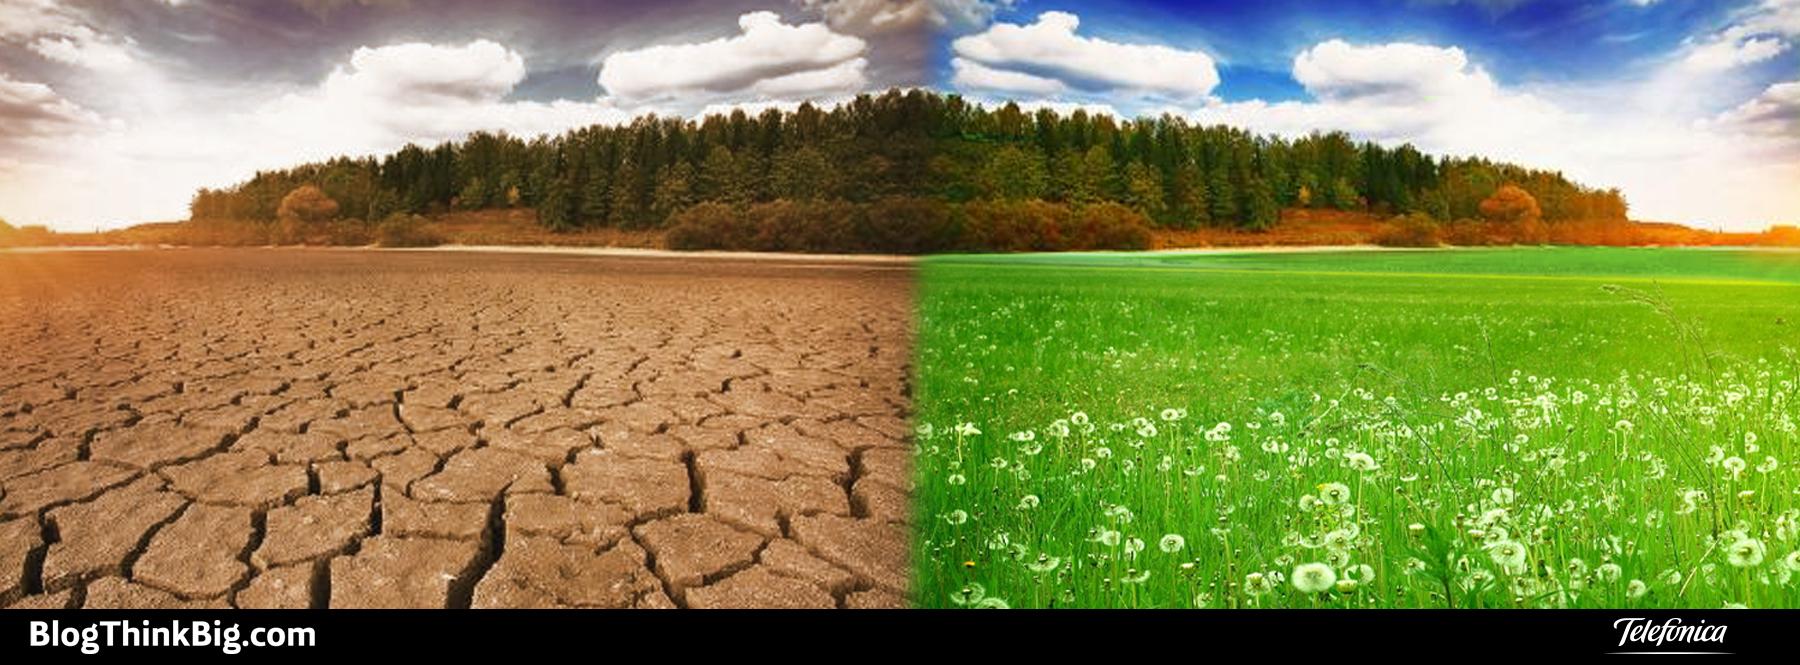 ¿Qué efectos notamos del cambio climático?